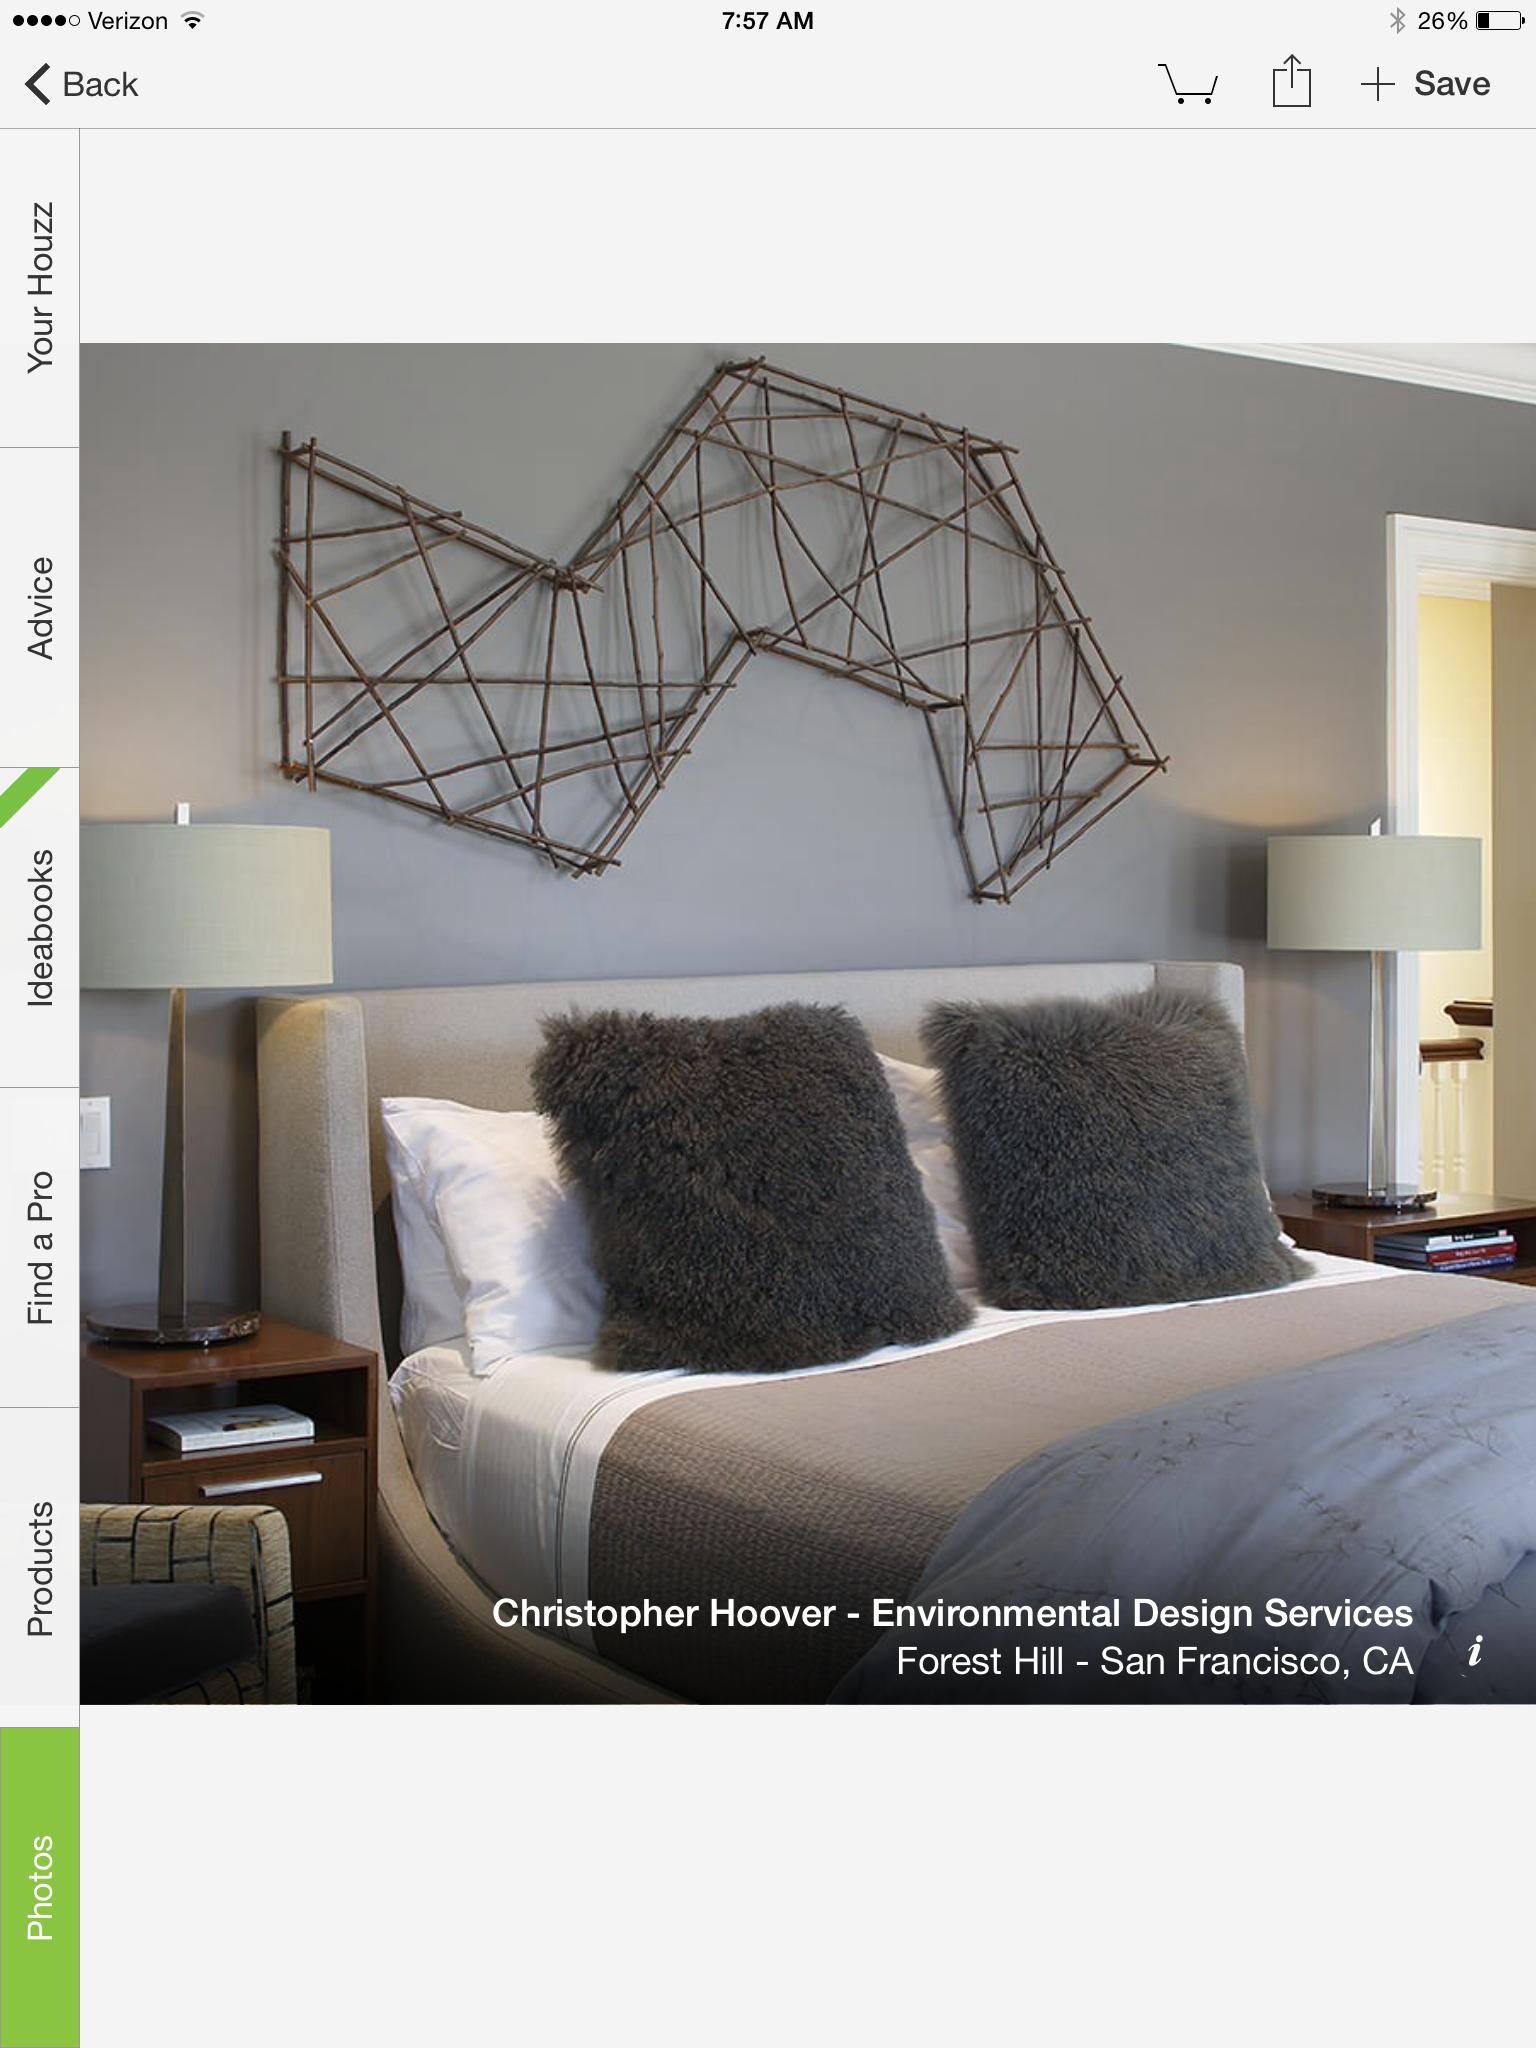 ... Grünes Hauptschlafzimmer, Schlafzimmer Einrichtungsideen, Graue  Jugendlichenschlafzimmer, Romantische Schlafzimmer, Schlafzimmer  Wanddekorationen, ...